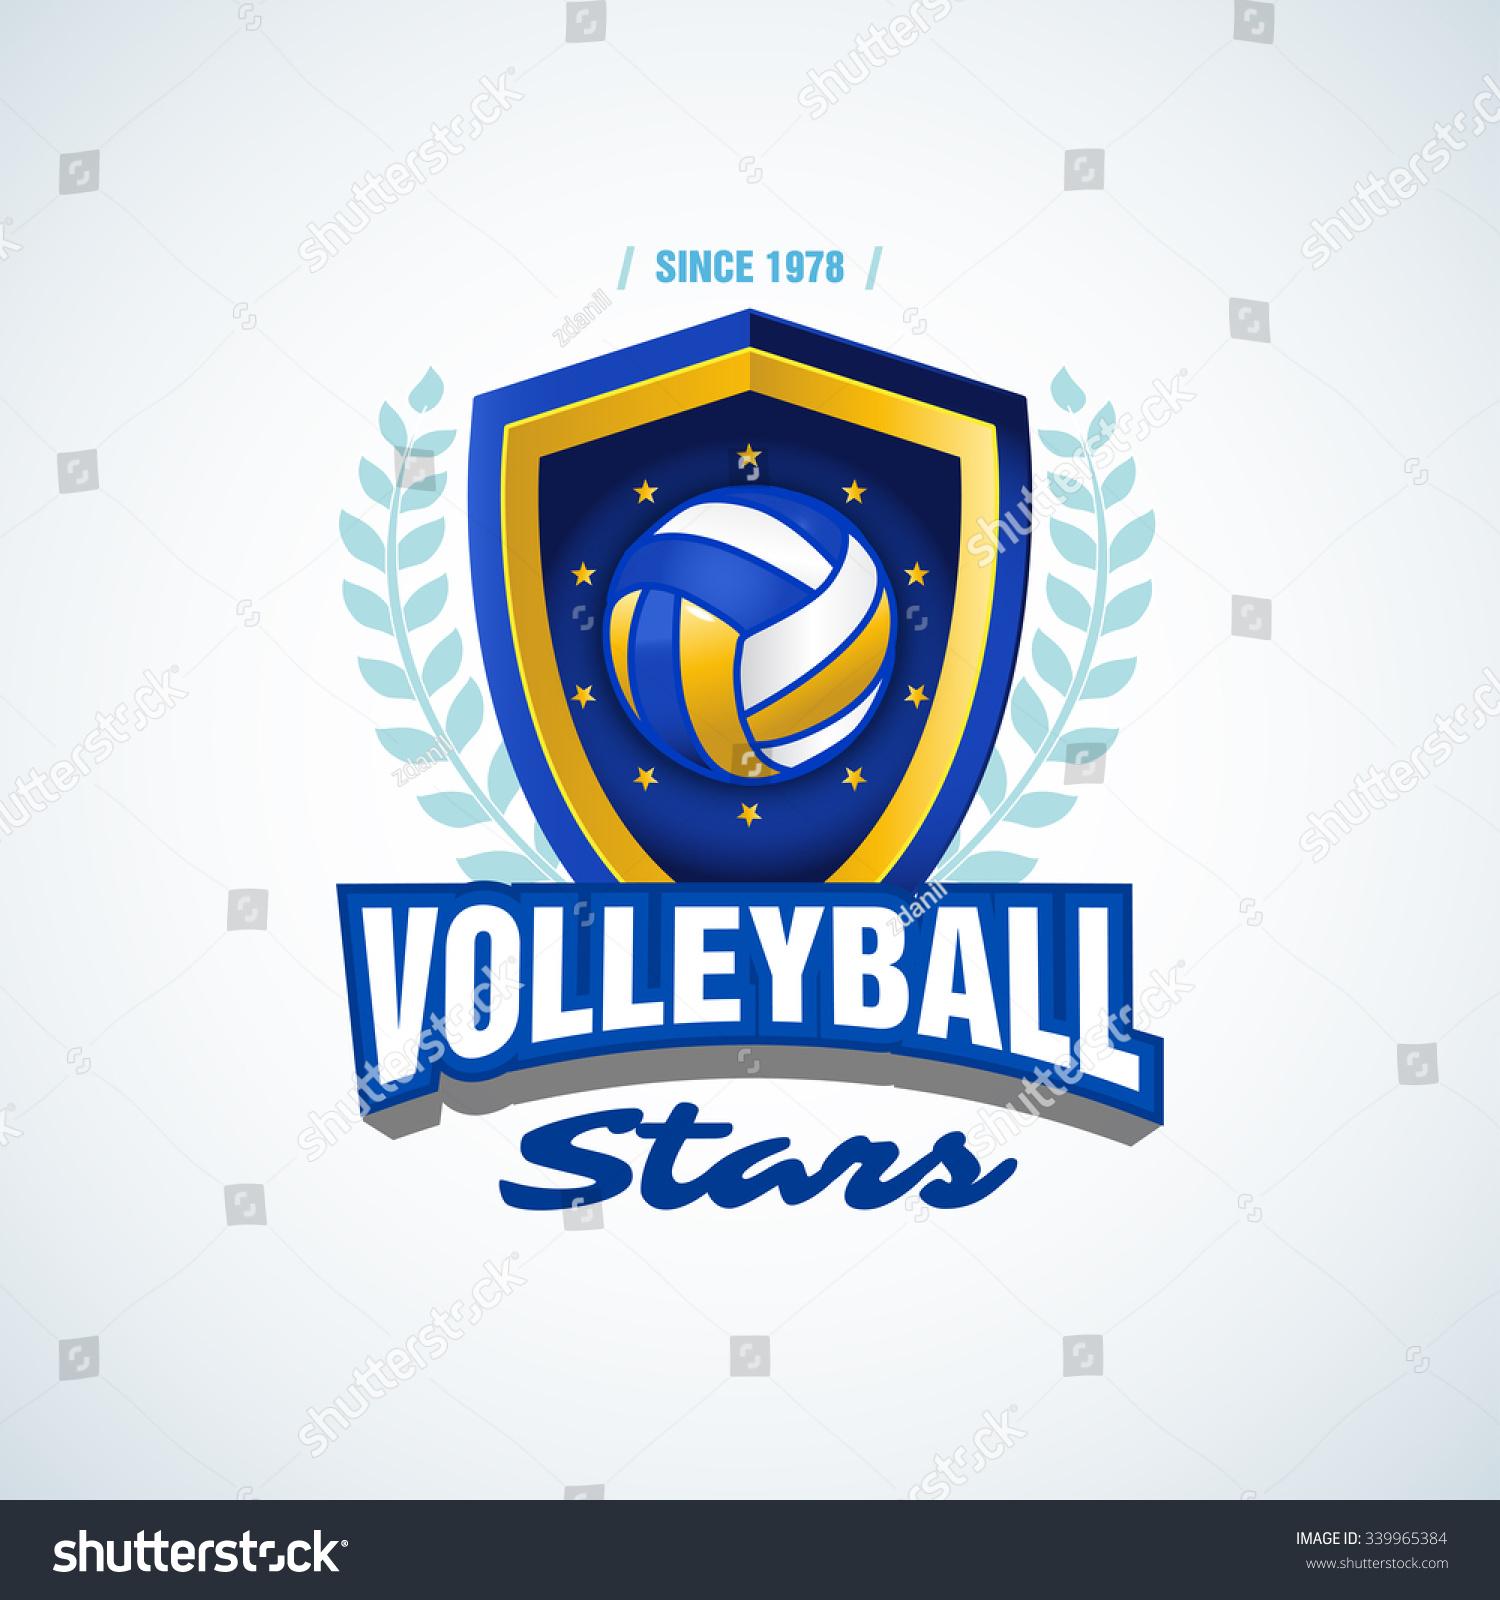 T shirt design volleyball - Volleyball Stars Team Logo Template Volleyball Emblem Logotype Template T Shirt Apparel